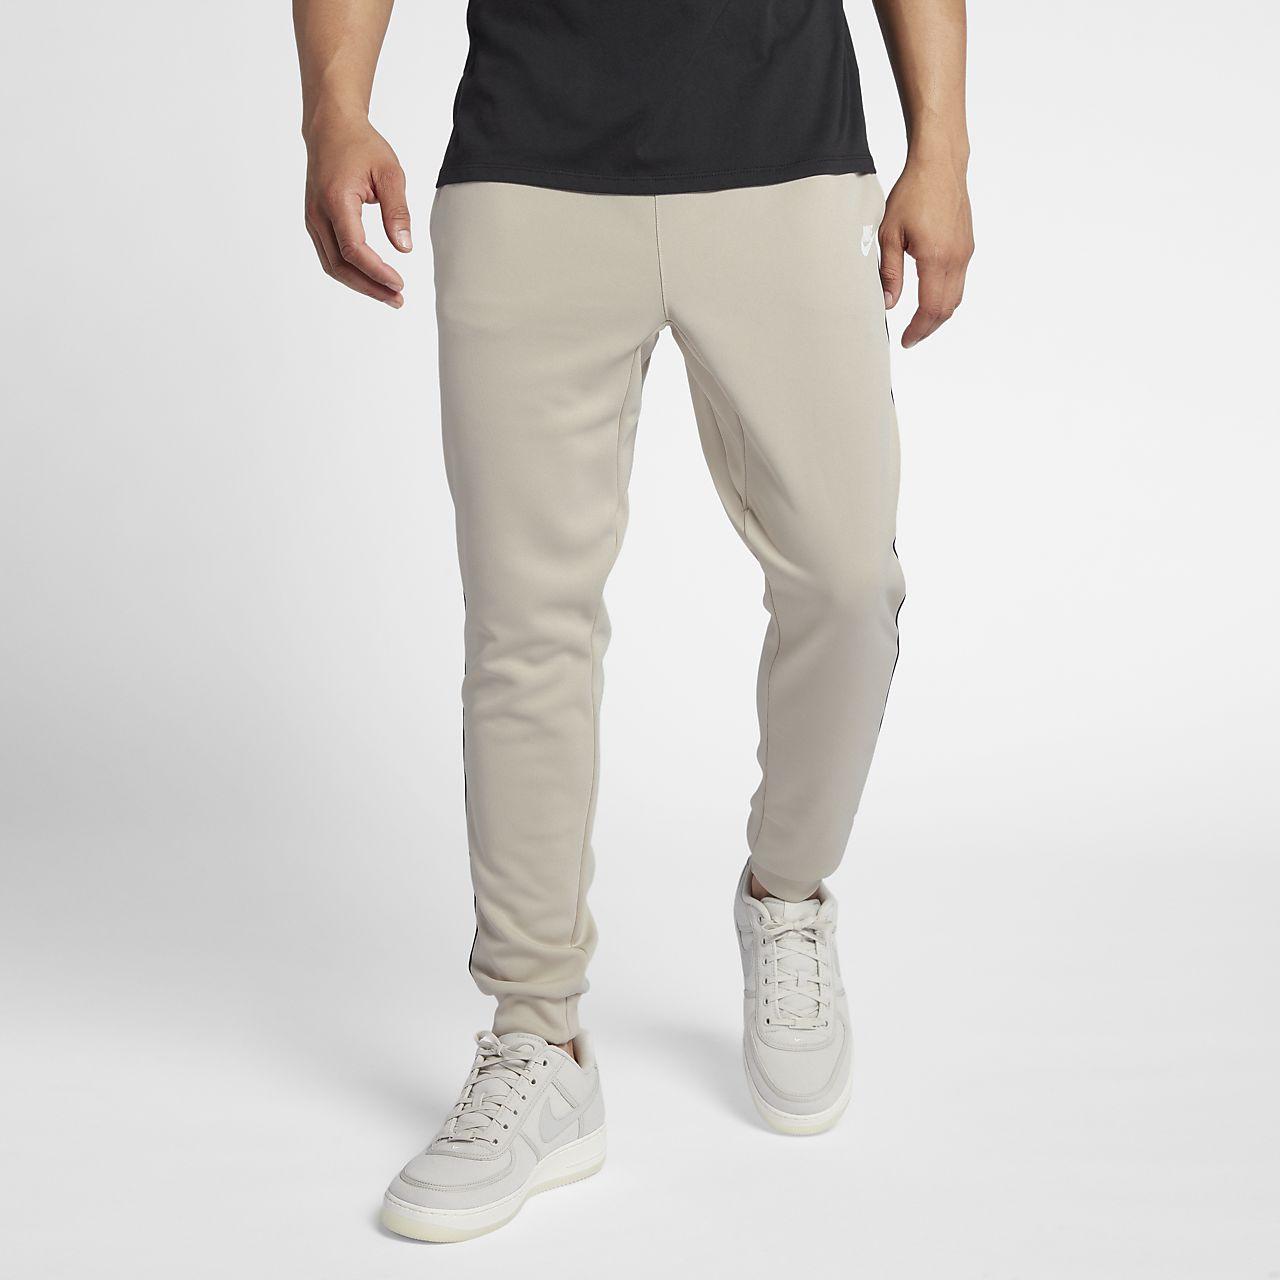 Nike Voor HerenNl HerenNl Fleecebroek Sportswear Nike Sportswear Nike Fleecebroek Voor H2E9WDIY